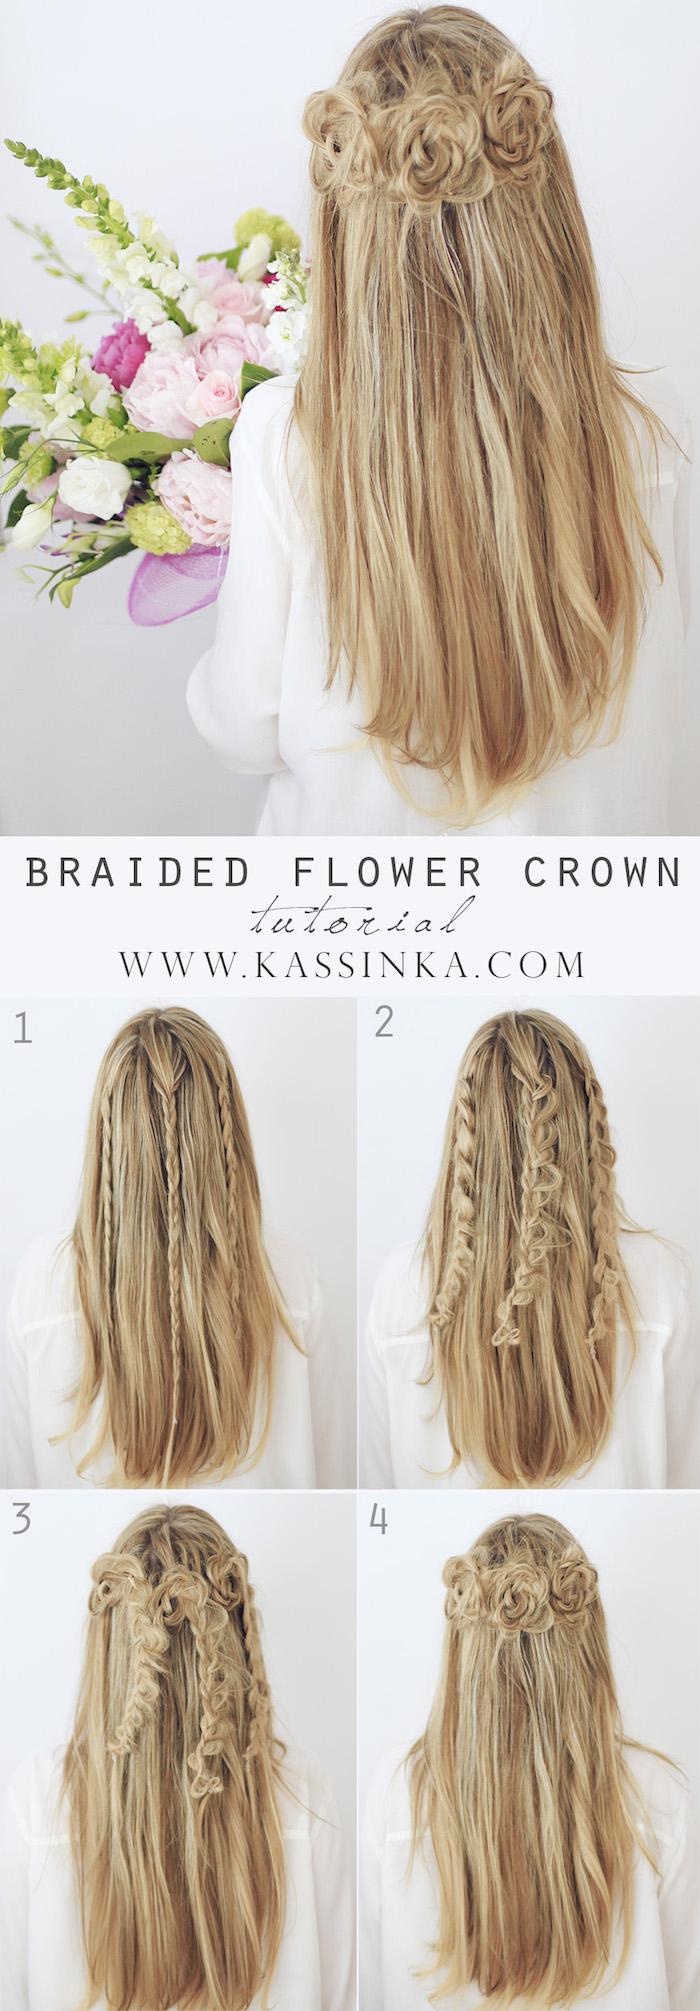 flechtfrisuren lange haare, lange blonde haare, frisur mit rosen, hippie frisur